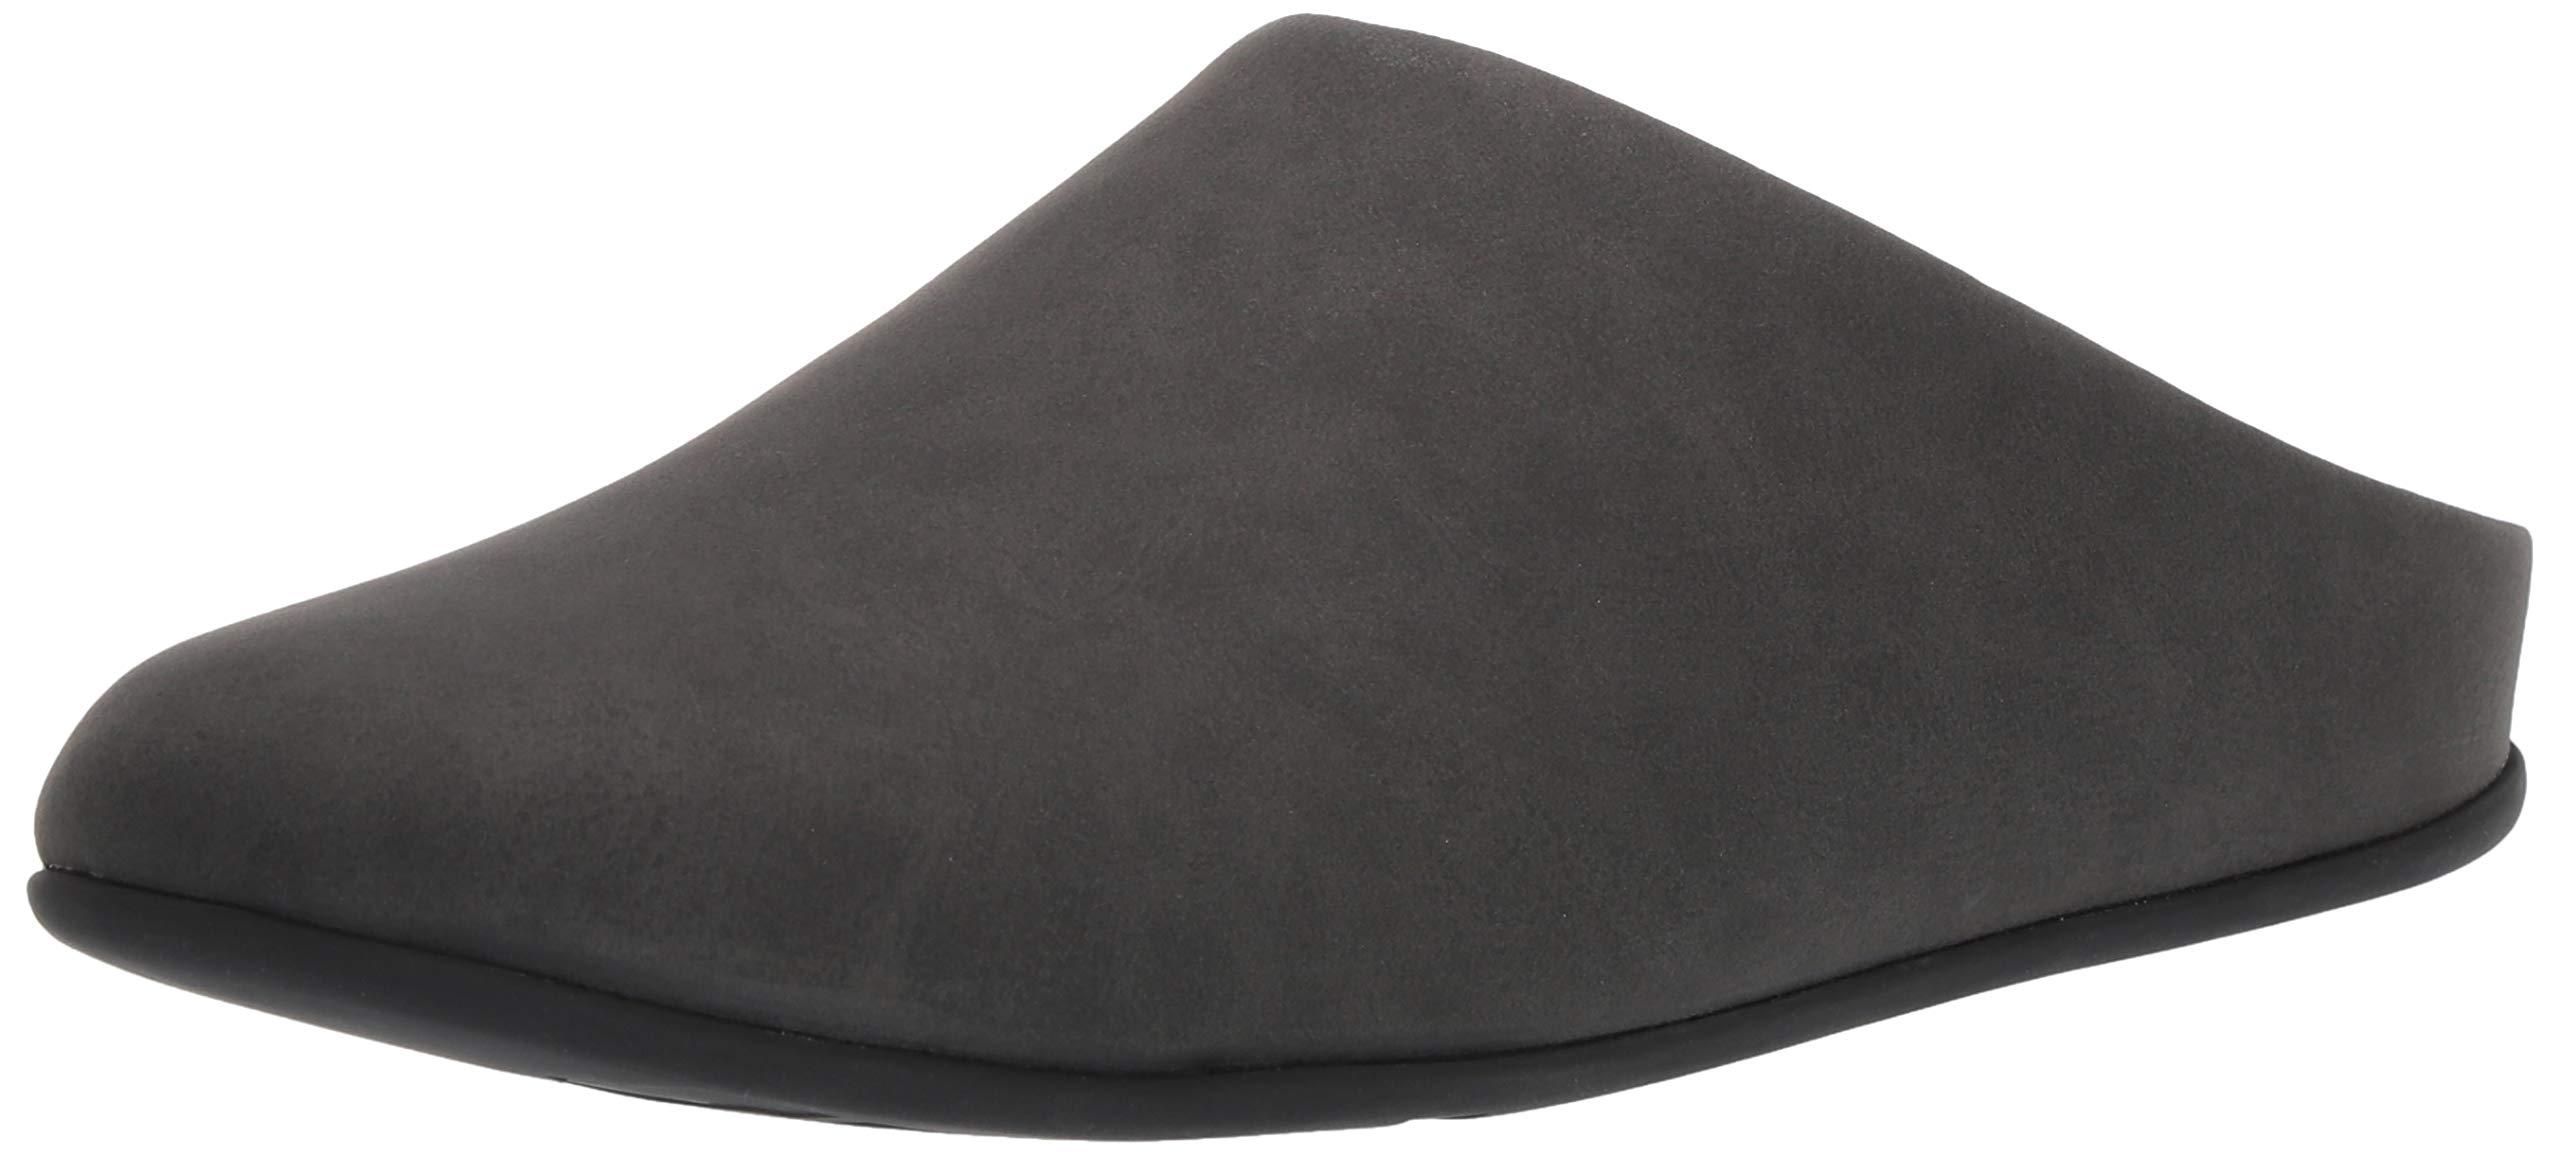 LeatherChaussons 00144 Shove HommeNoirblack Eu Fitflop Mule Y6gfb7y